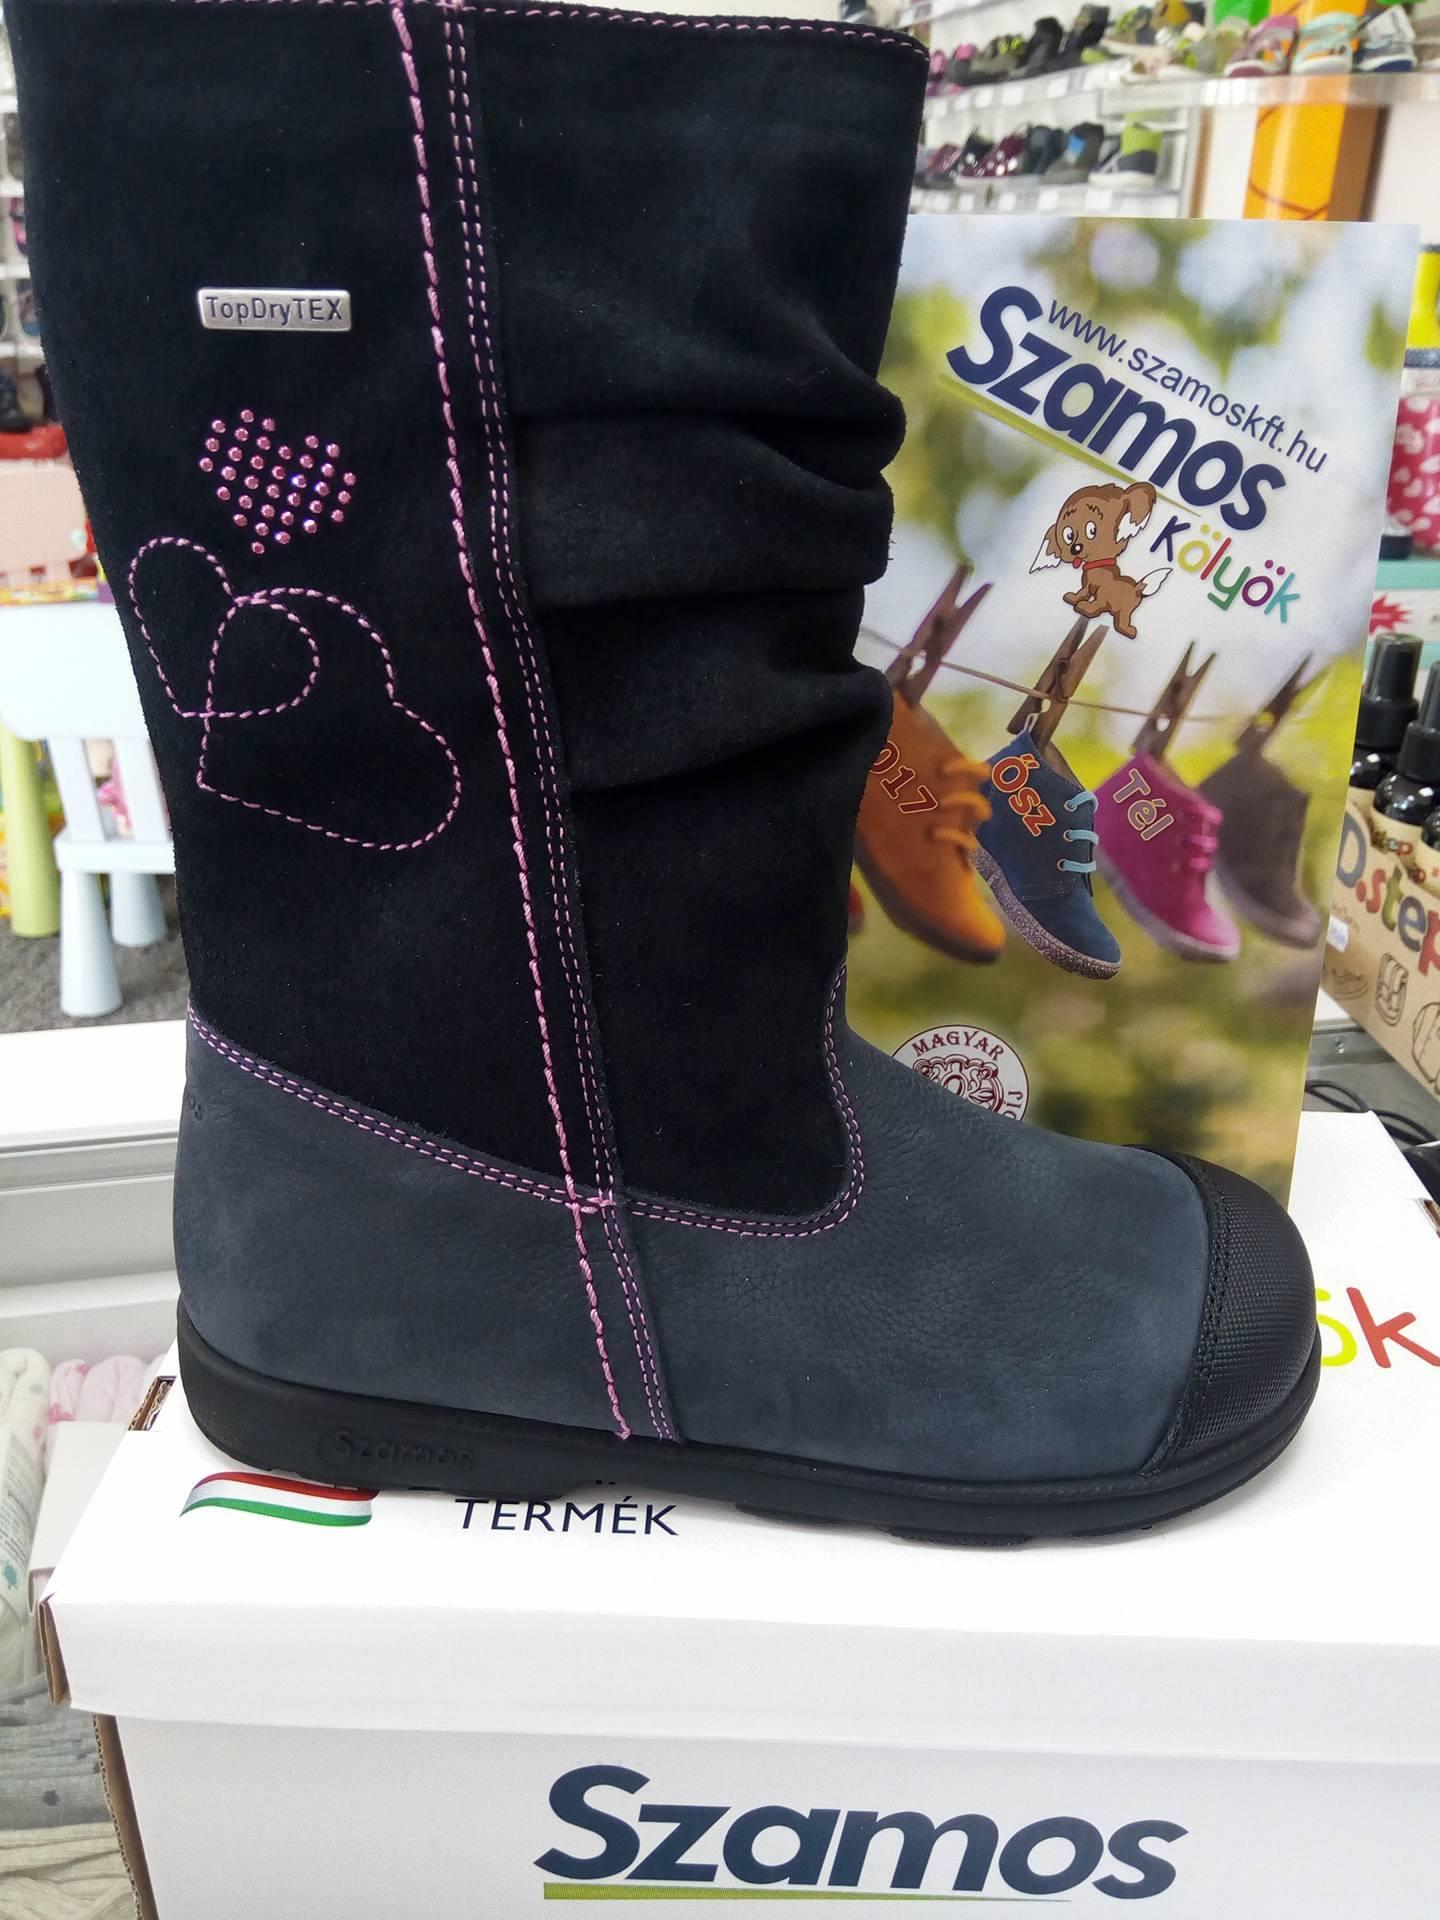 b78ecf521c Szamos Kölyök középkék-fekete, szívecskés, bundás, vízálló szupinált csizma  - Téli cipők - Trendi Kölyök Gyerekcipő webáruház - Szekszárd